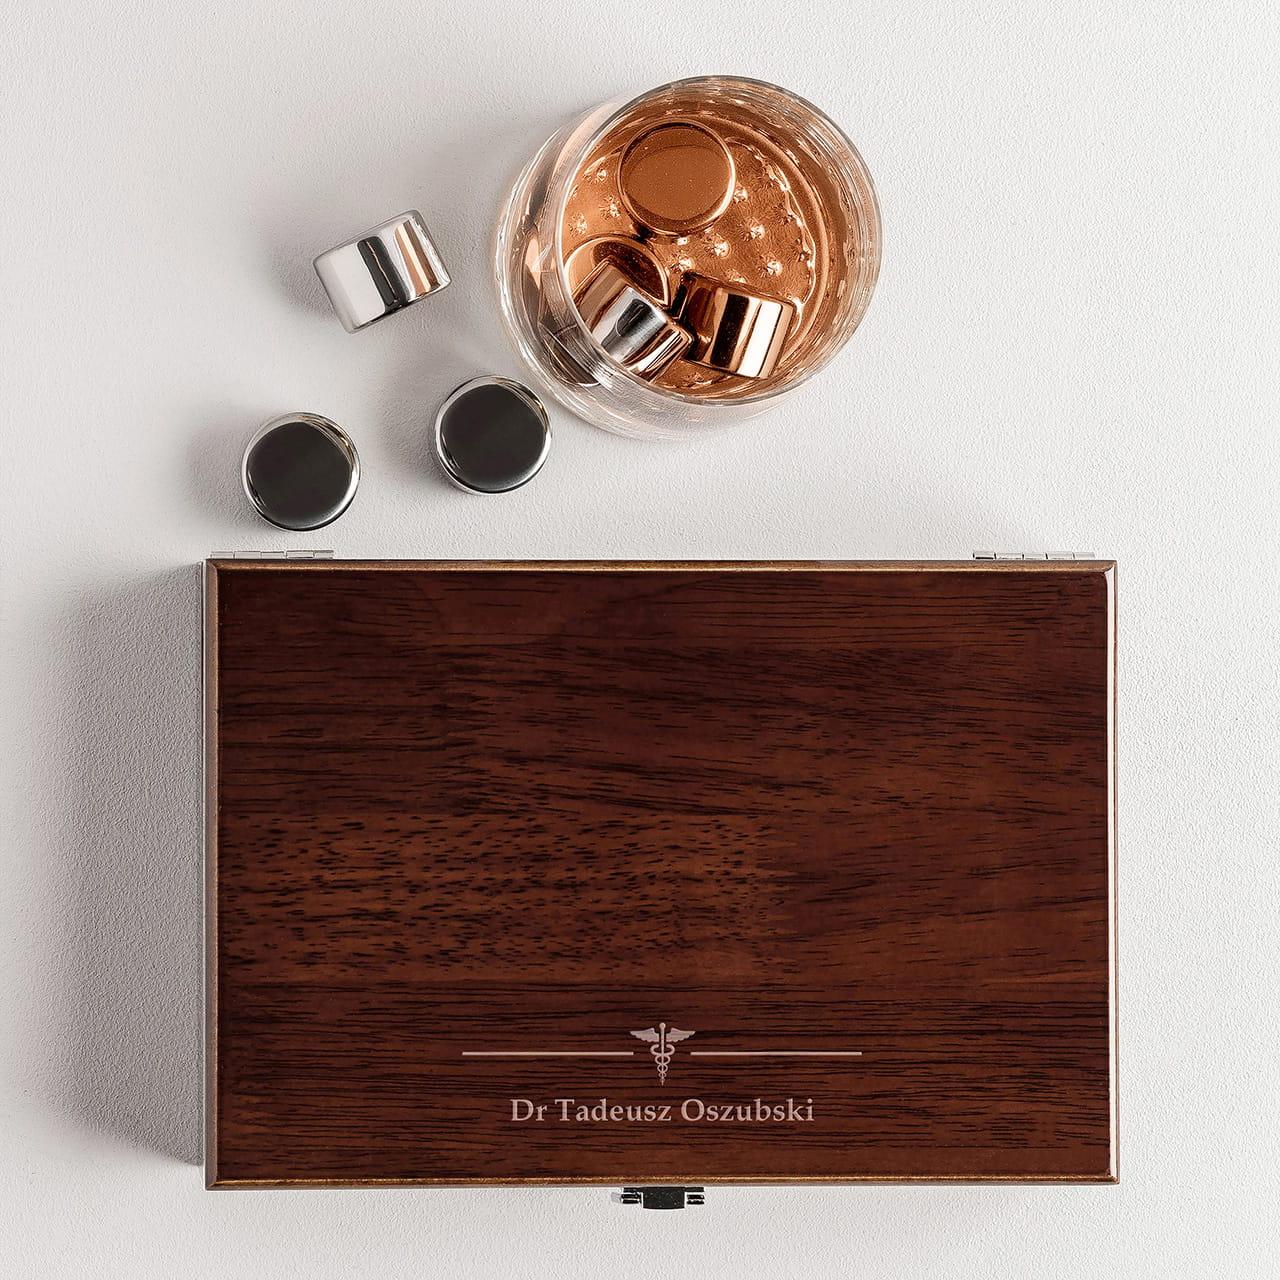 Kostki do whisky to elegancki prezent dla lekarza